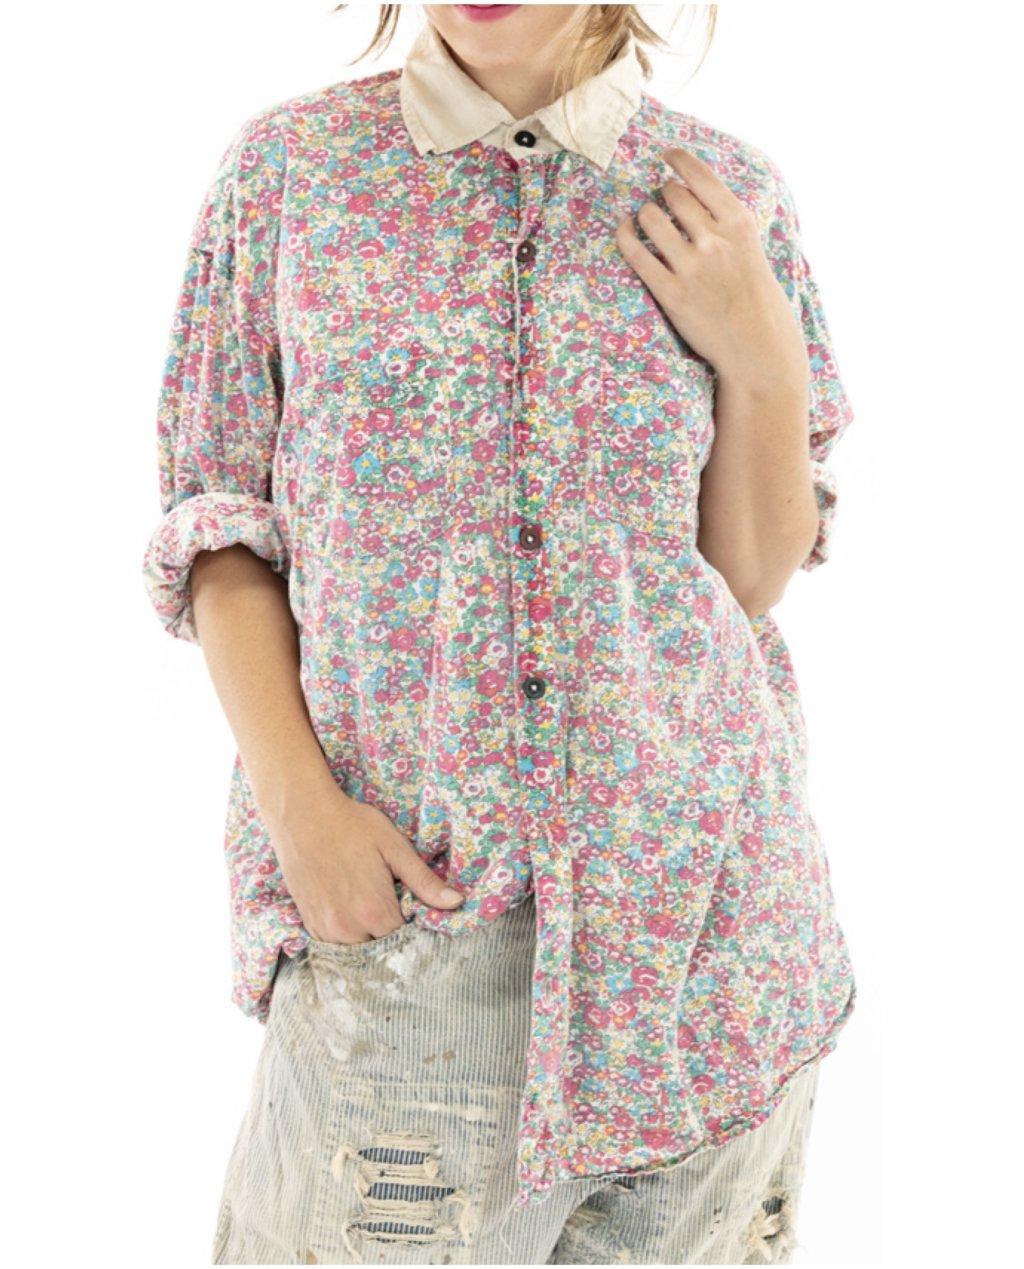 Magnolia Pearl   Boyfriend Shirt   Clover   European Cotton Print